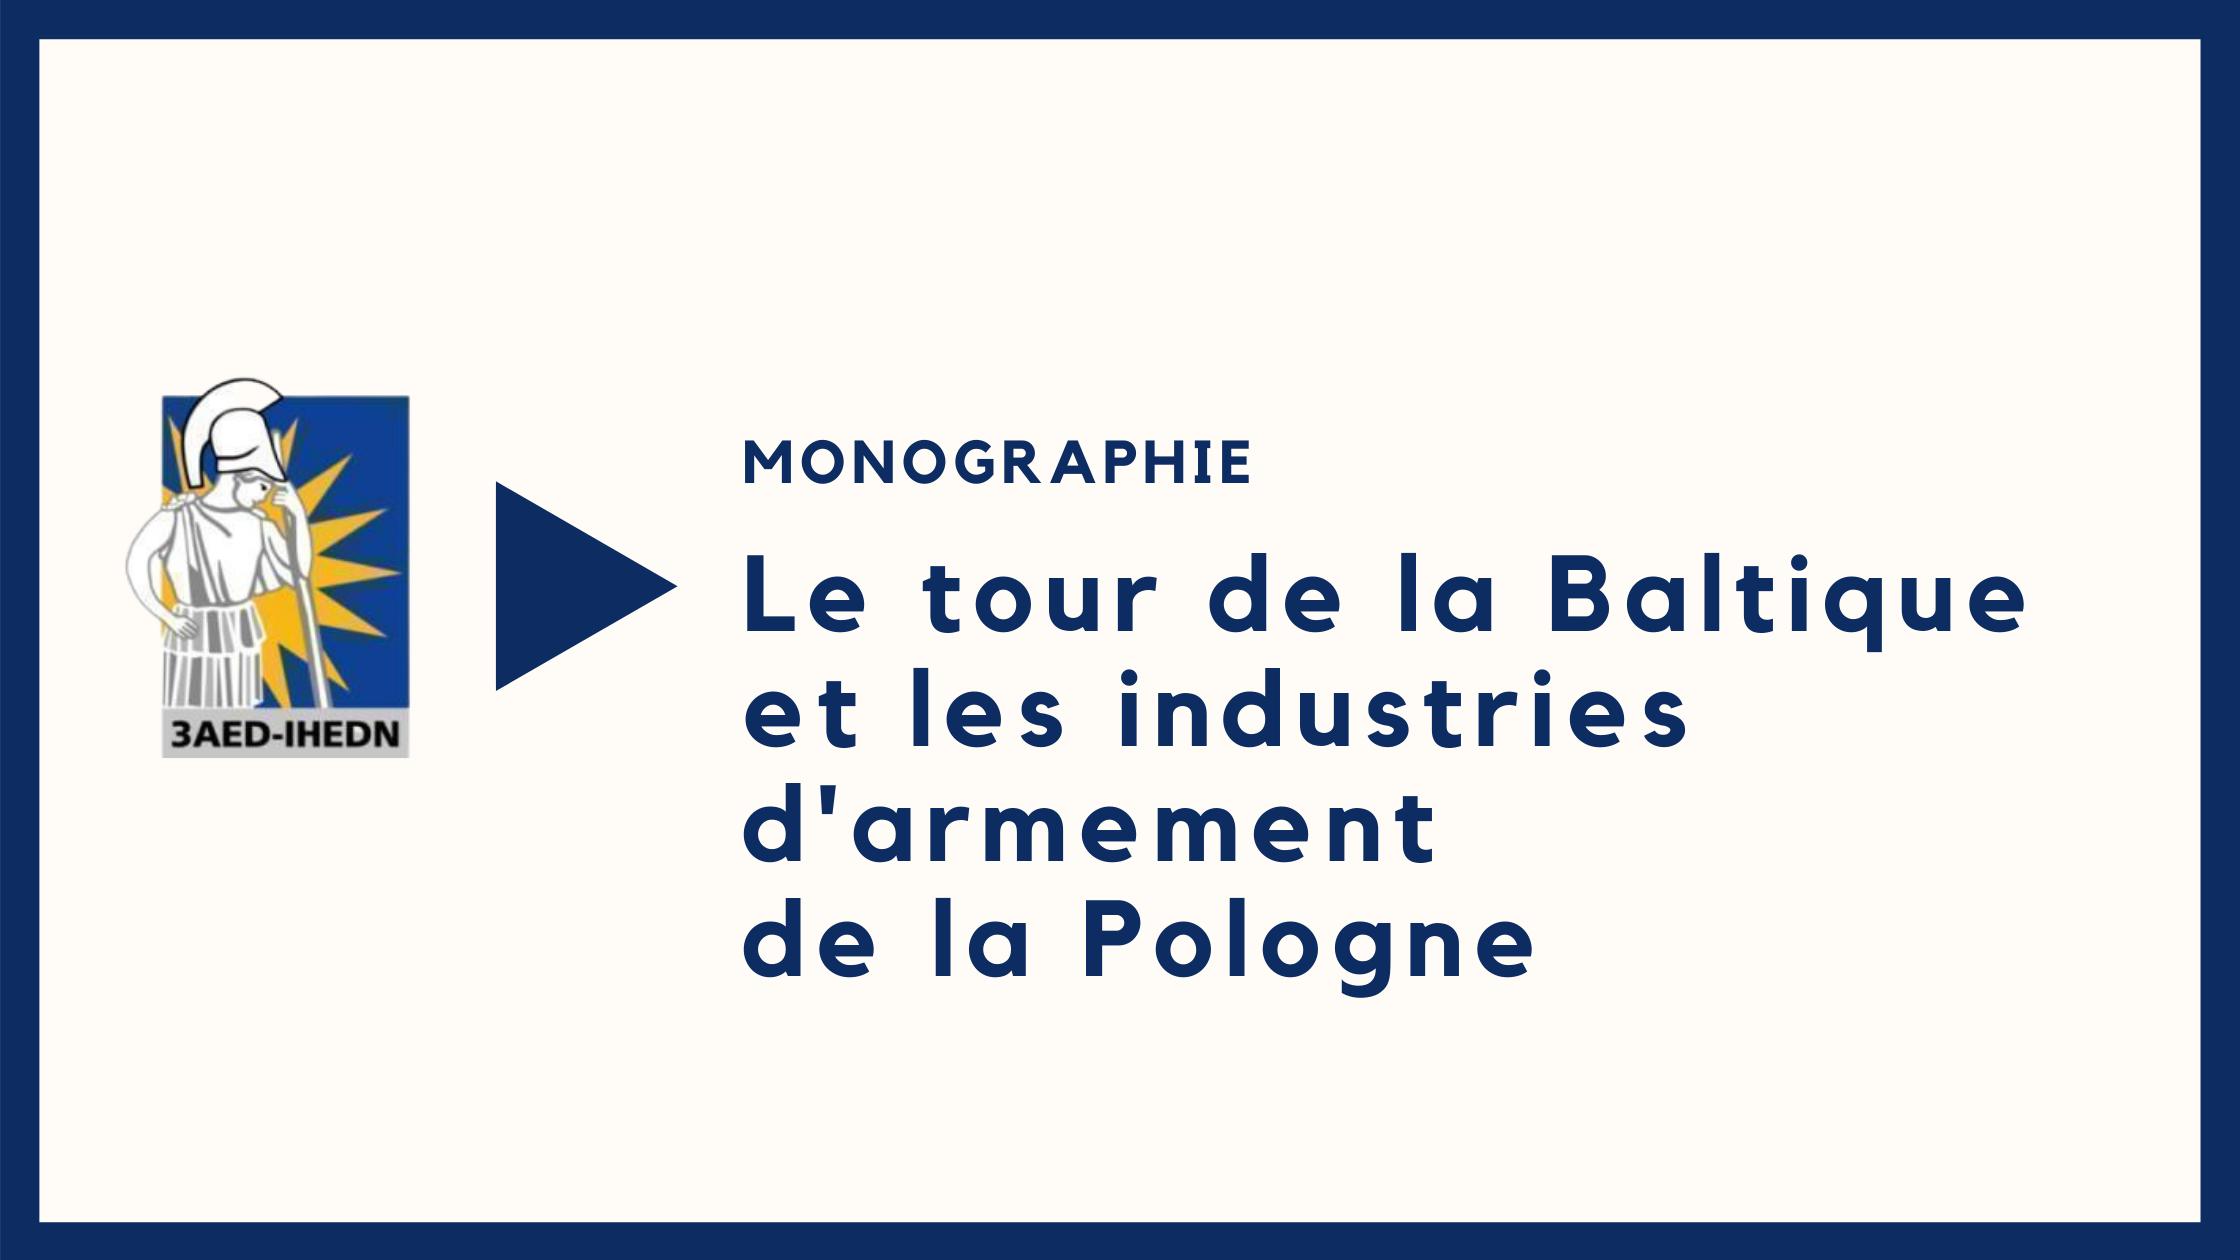 Monographie | Le tour de la Baltique et les industries d'armement  de la Pologne